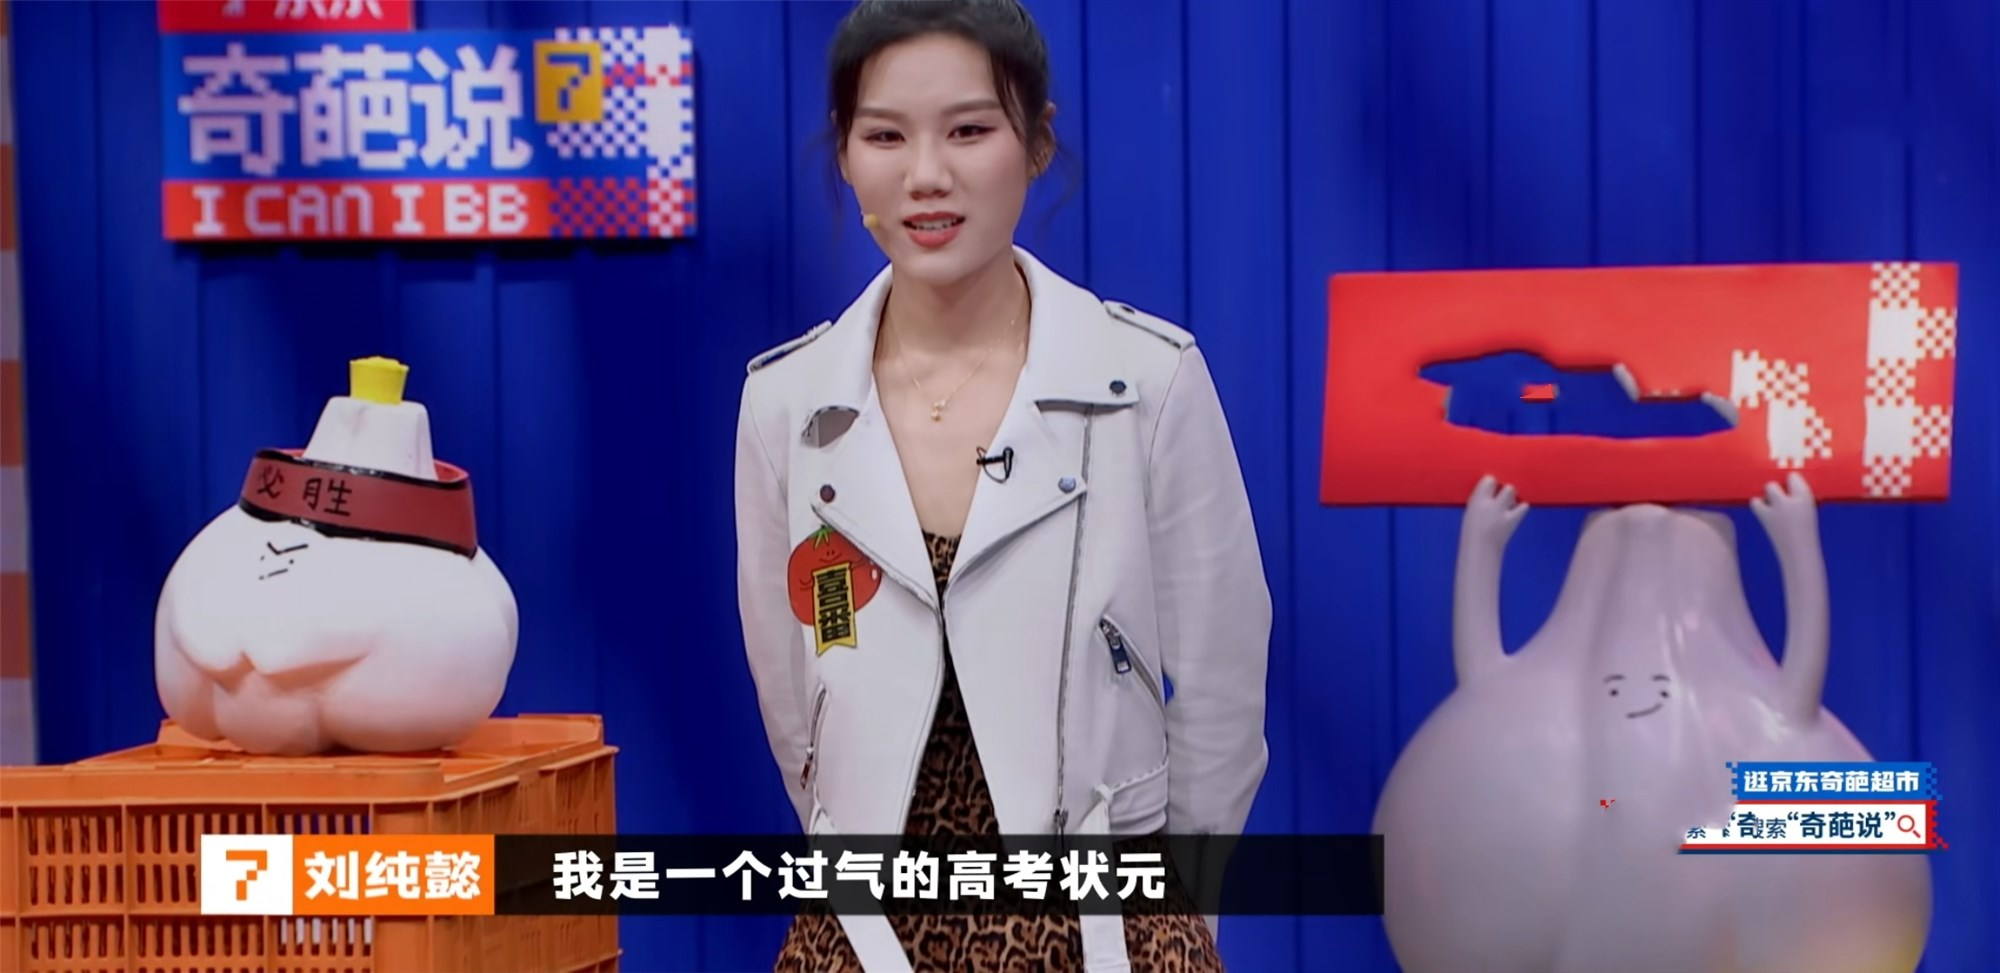 杨幂表现出彩,选手水平一言难尽,《奇葩说7》开播即糊?